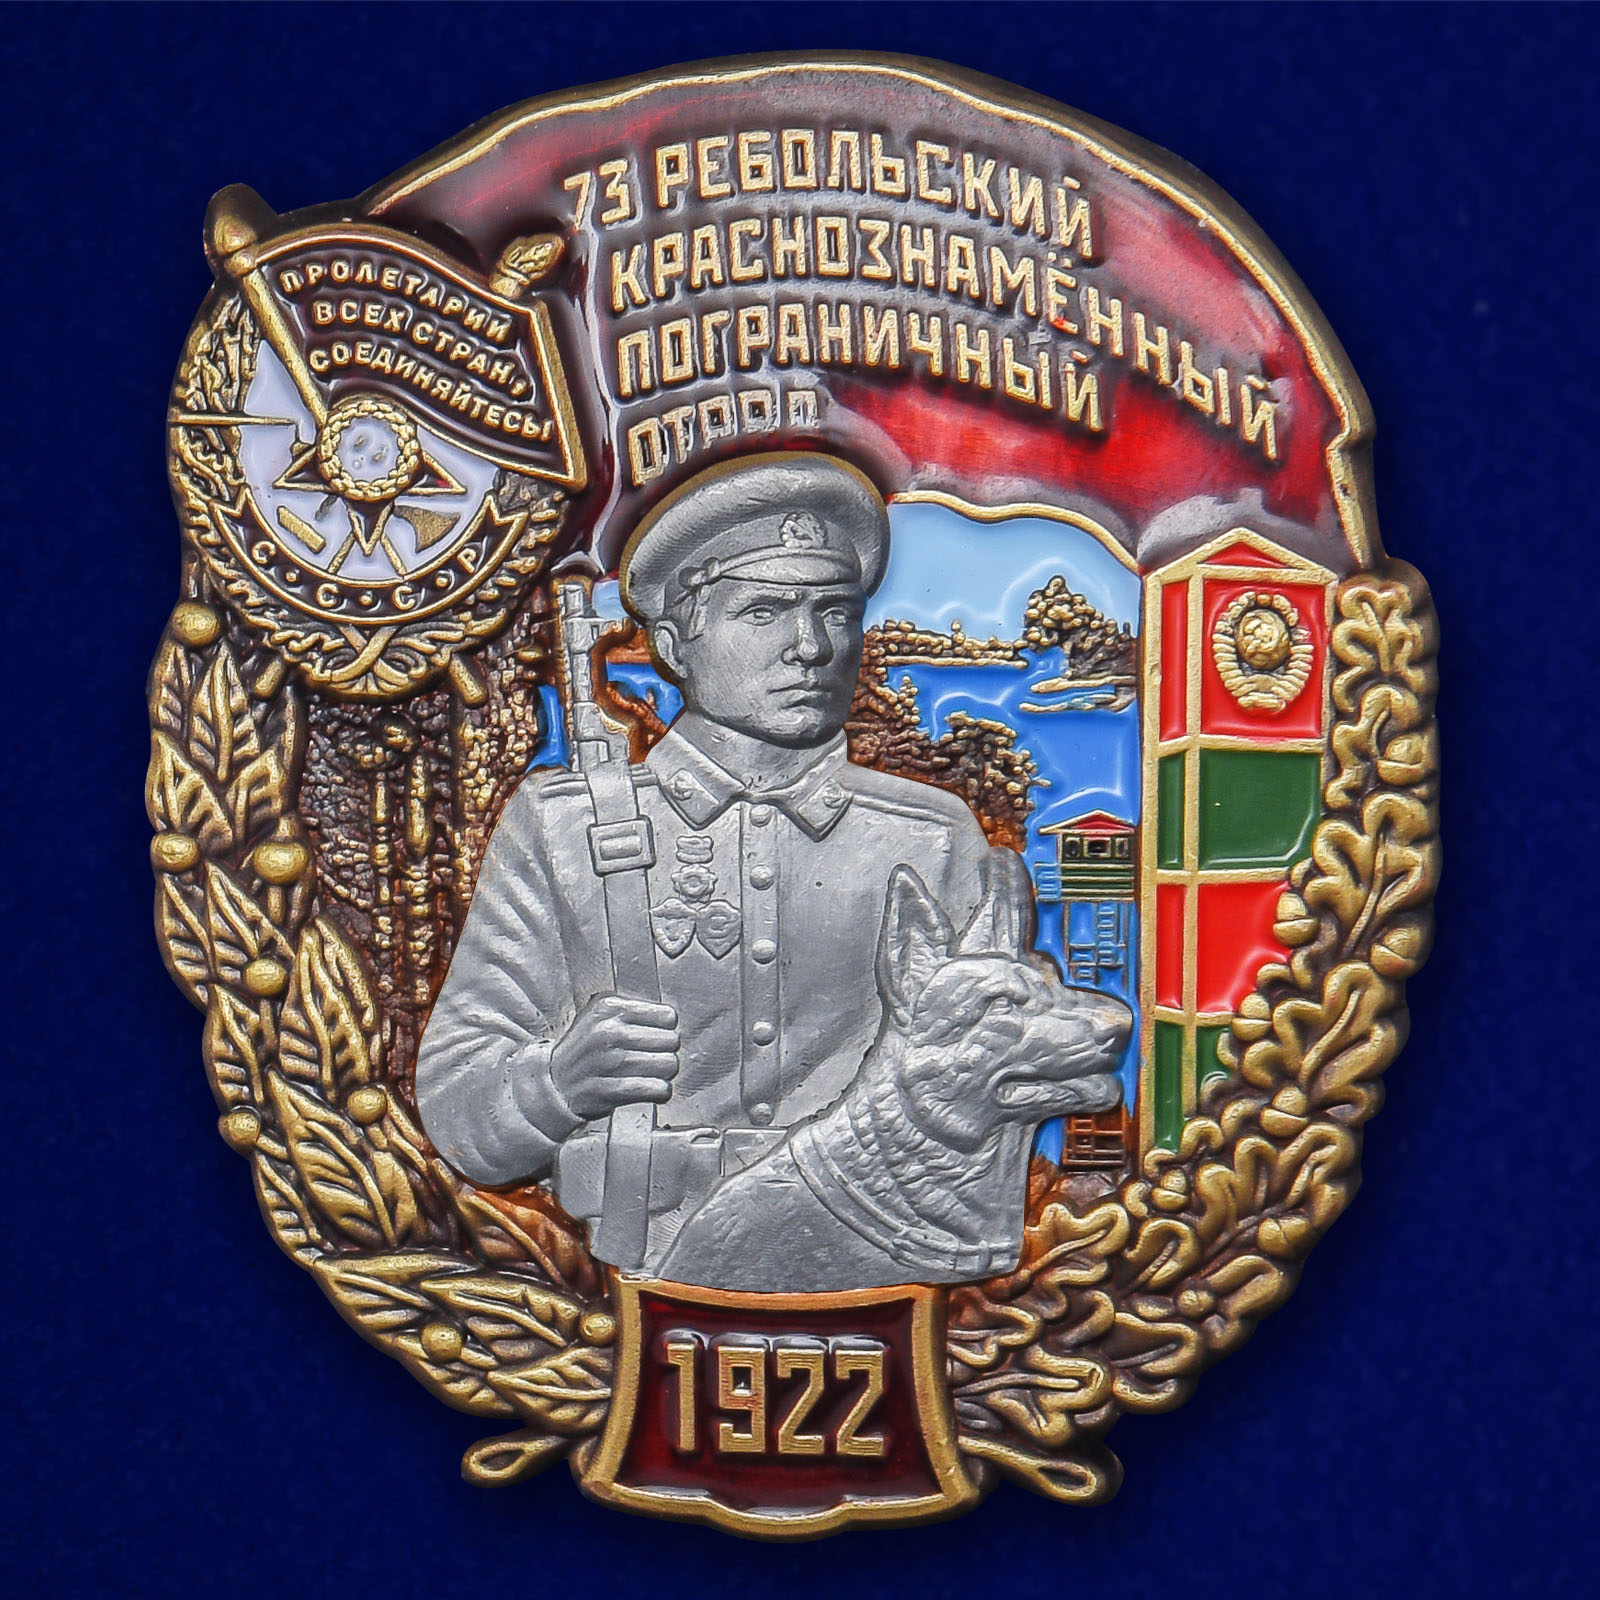 """Знак """"73 Ребольский Краснознамённый Пограничный отряд"""" №2363"""